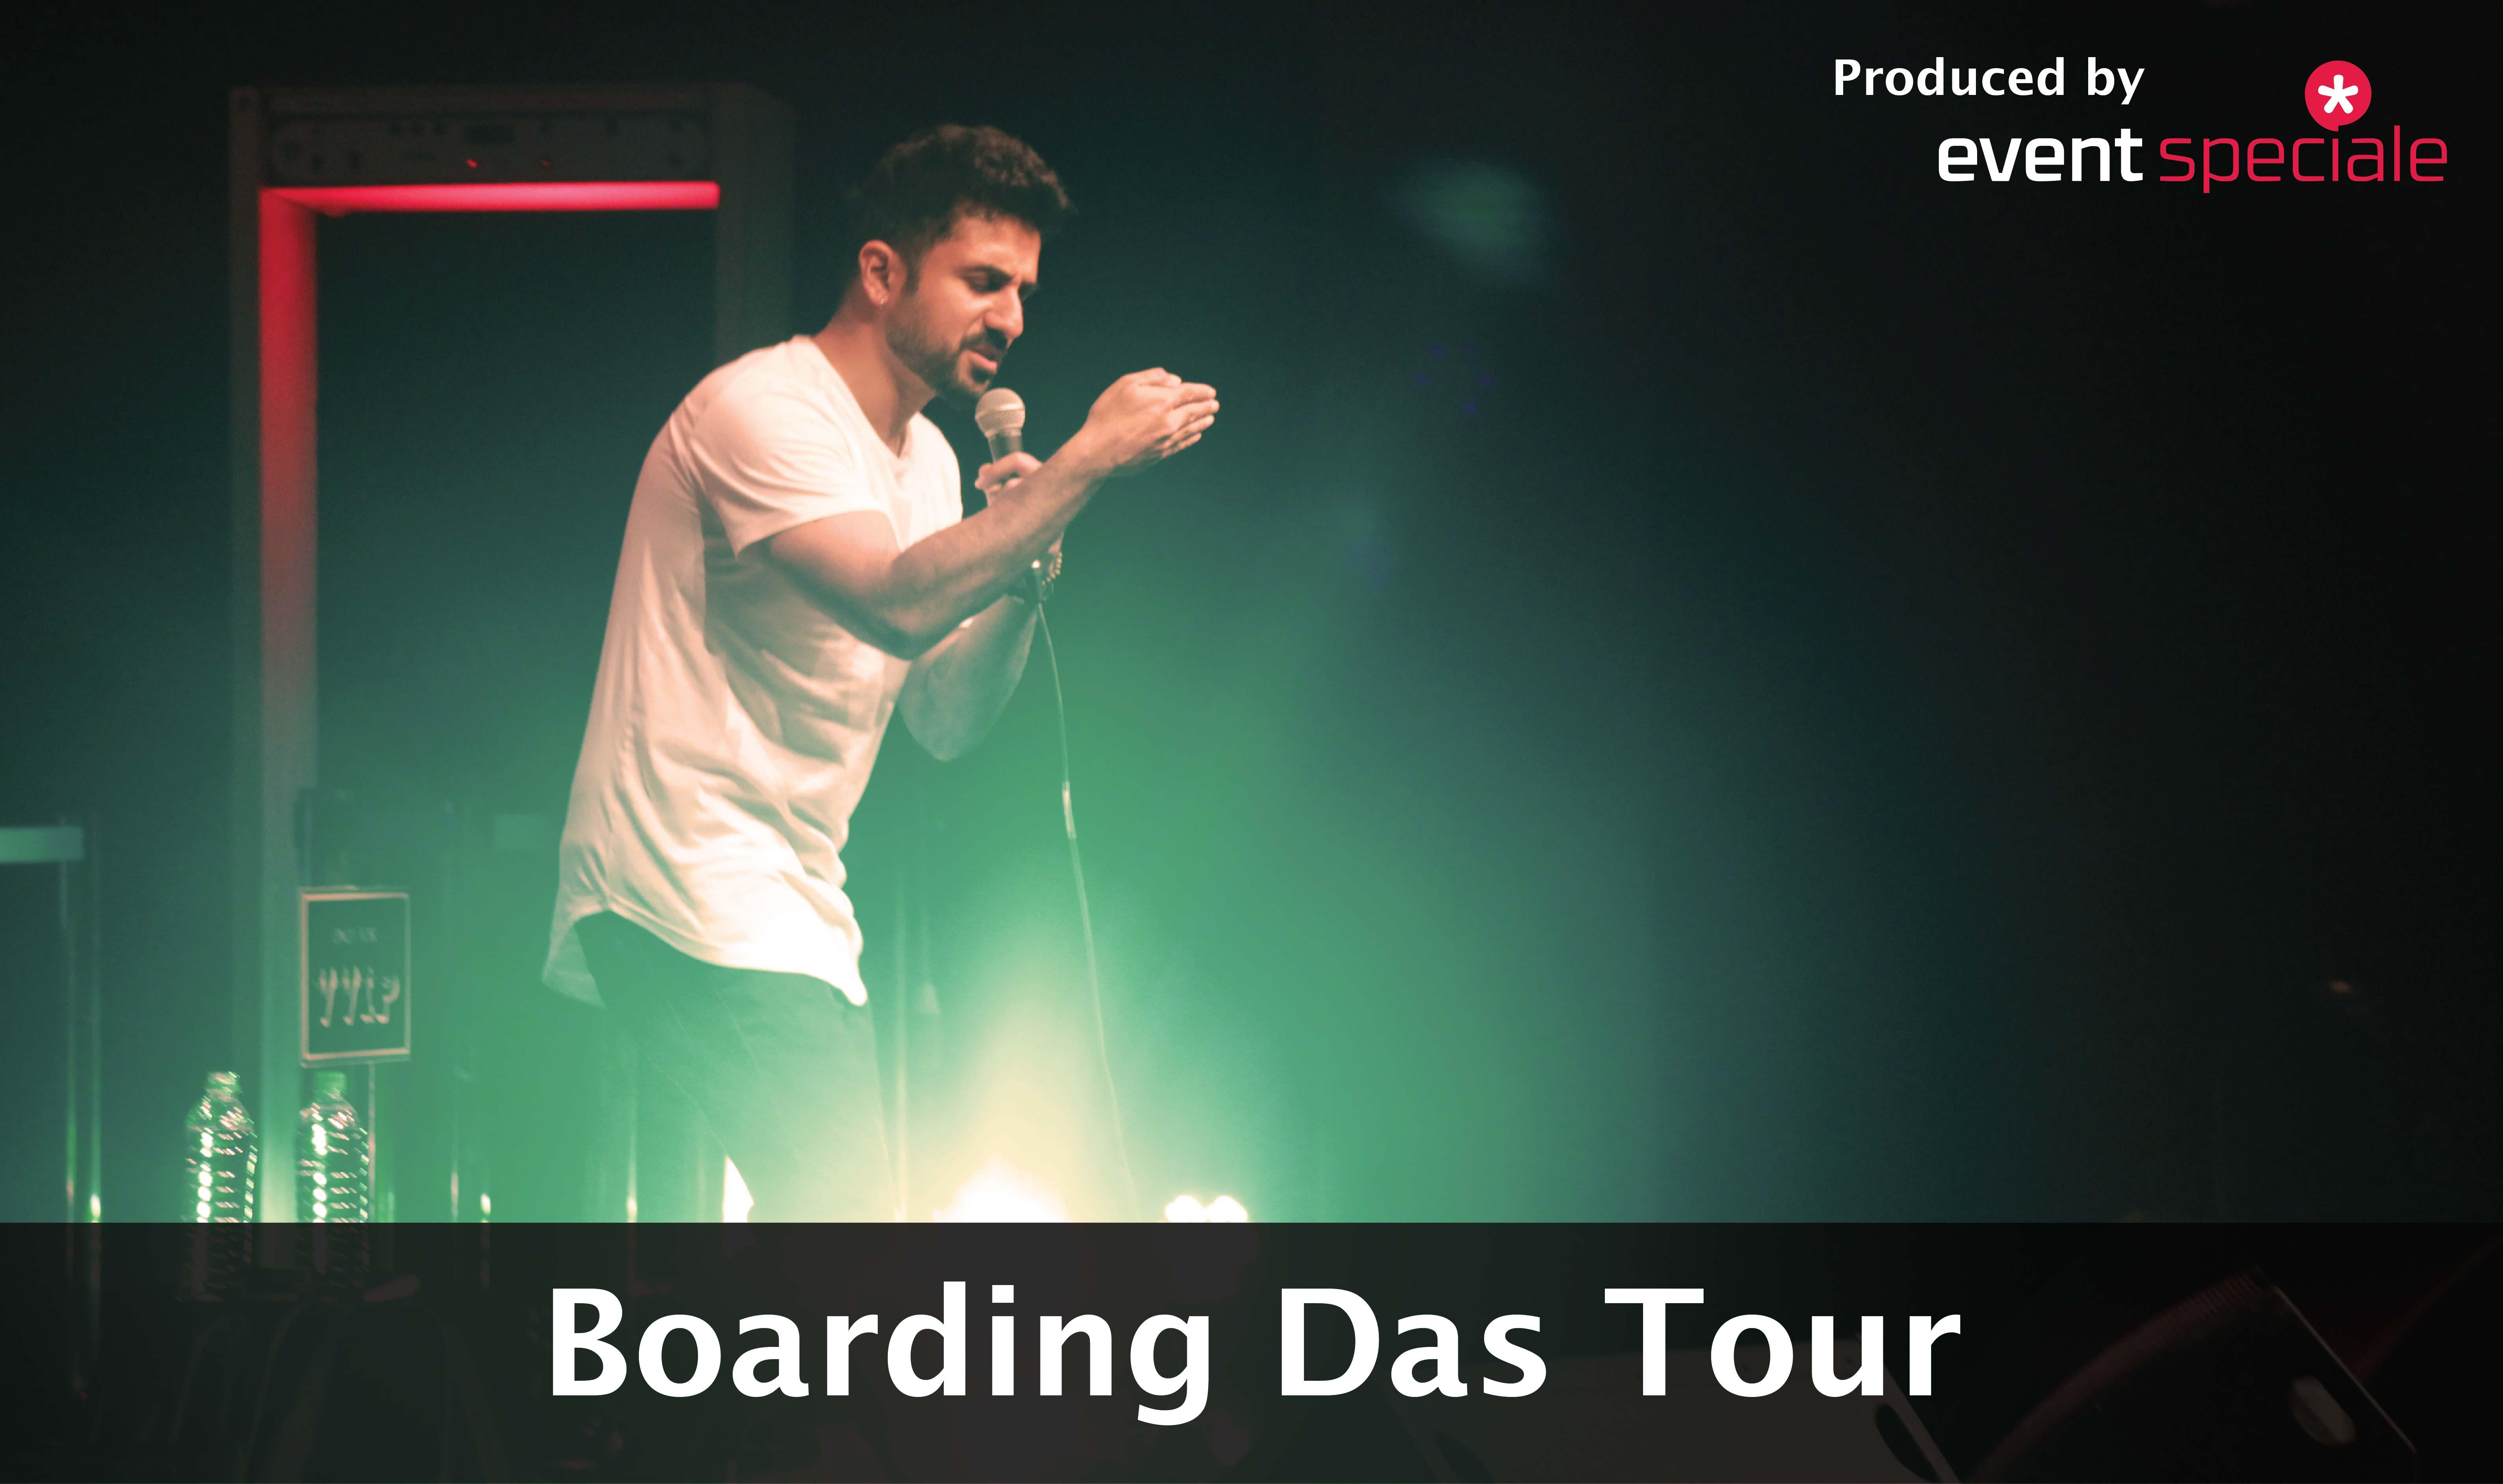 Boarding Das Mumbai